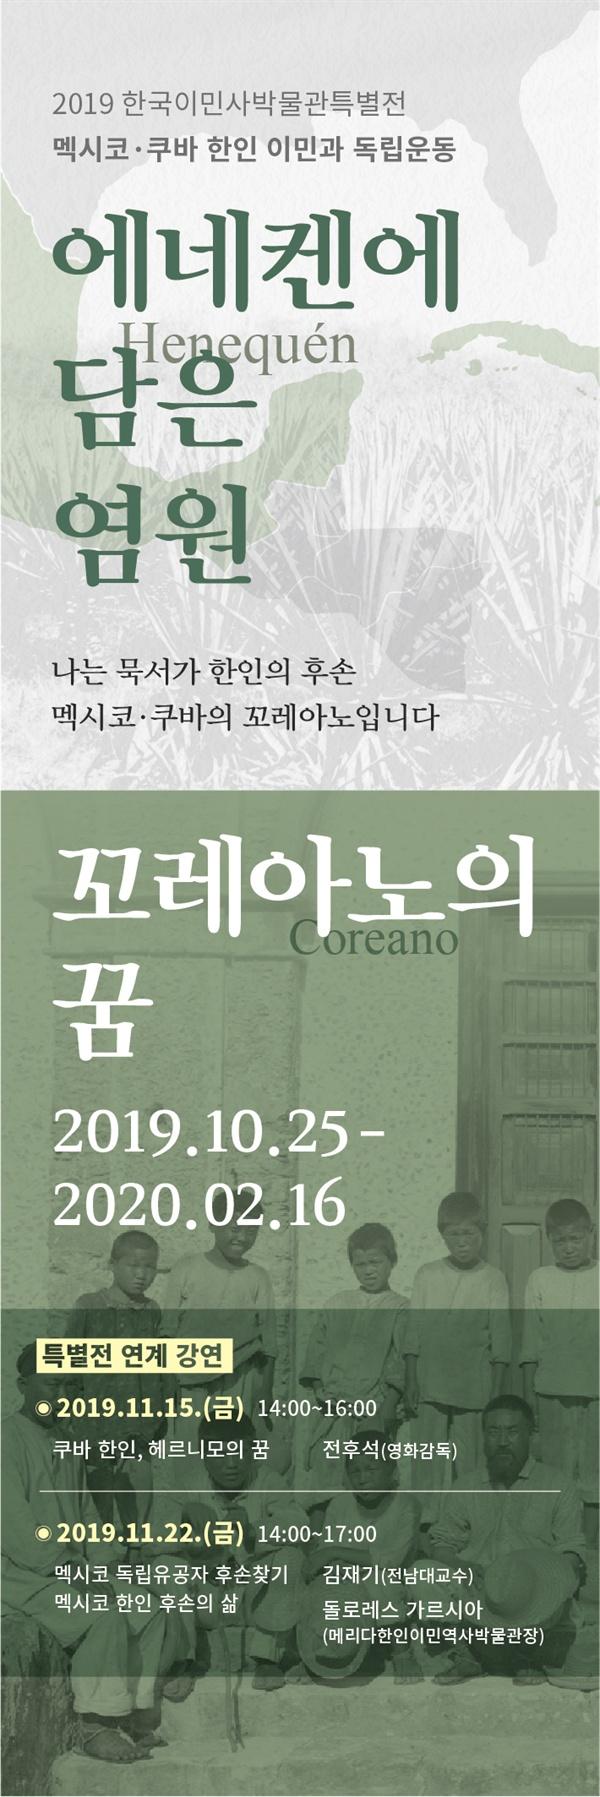 인천시 한국이민사박물관은 11월 15일과 22일 오후 2시 쿠바 한인과 관련해 다양한 활동을 하고 있는 인사를 초청해 특별 강연과 간담회 시간을 마련했다.